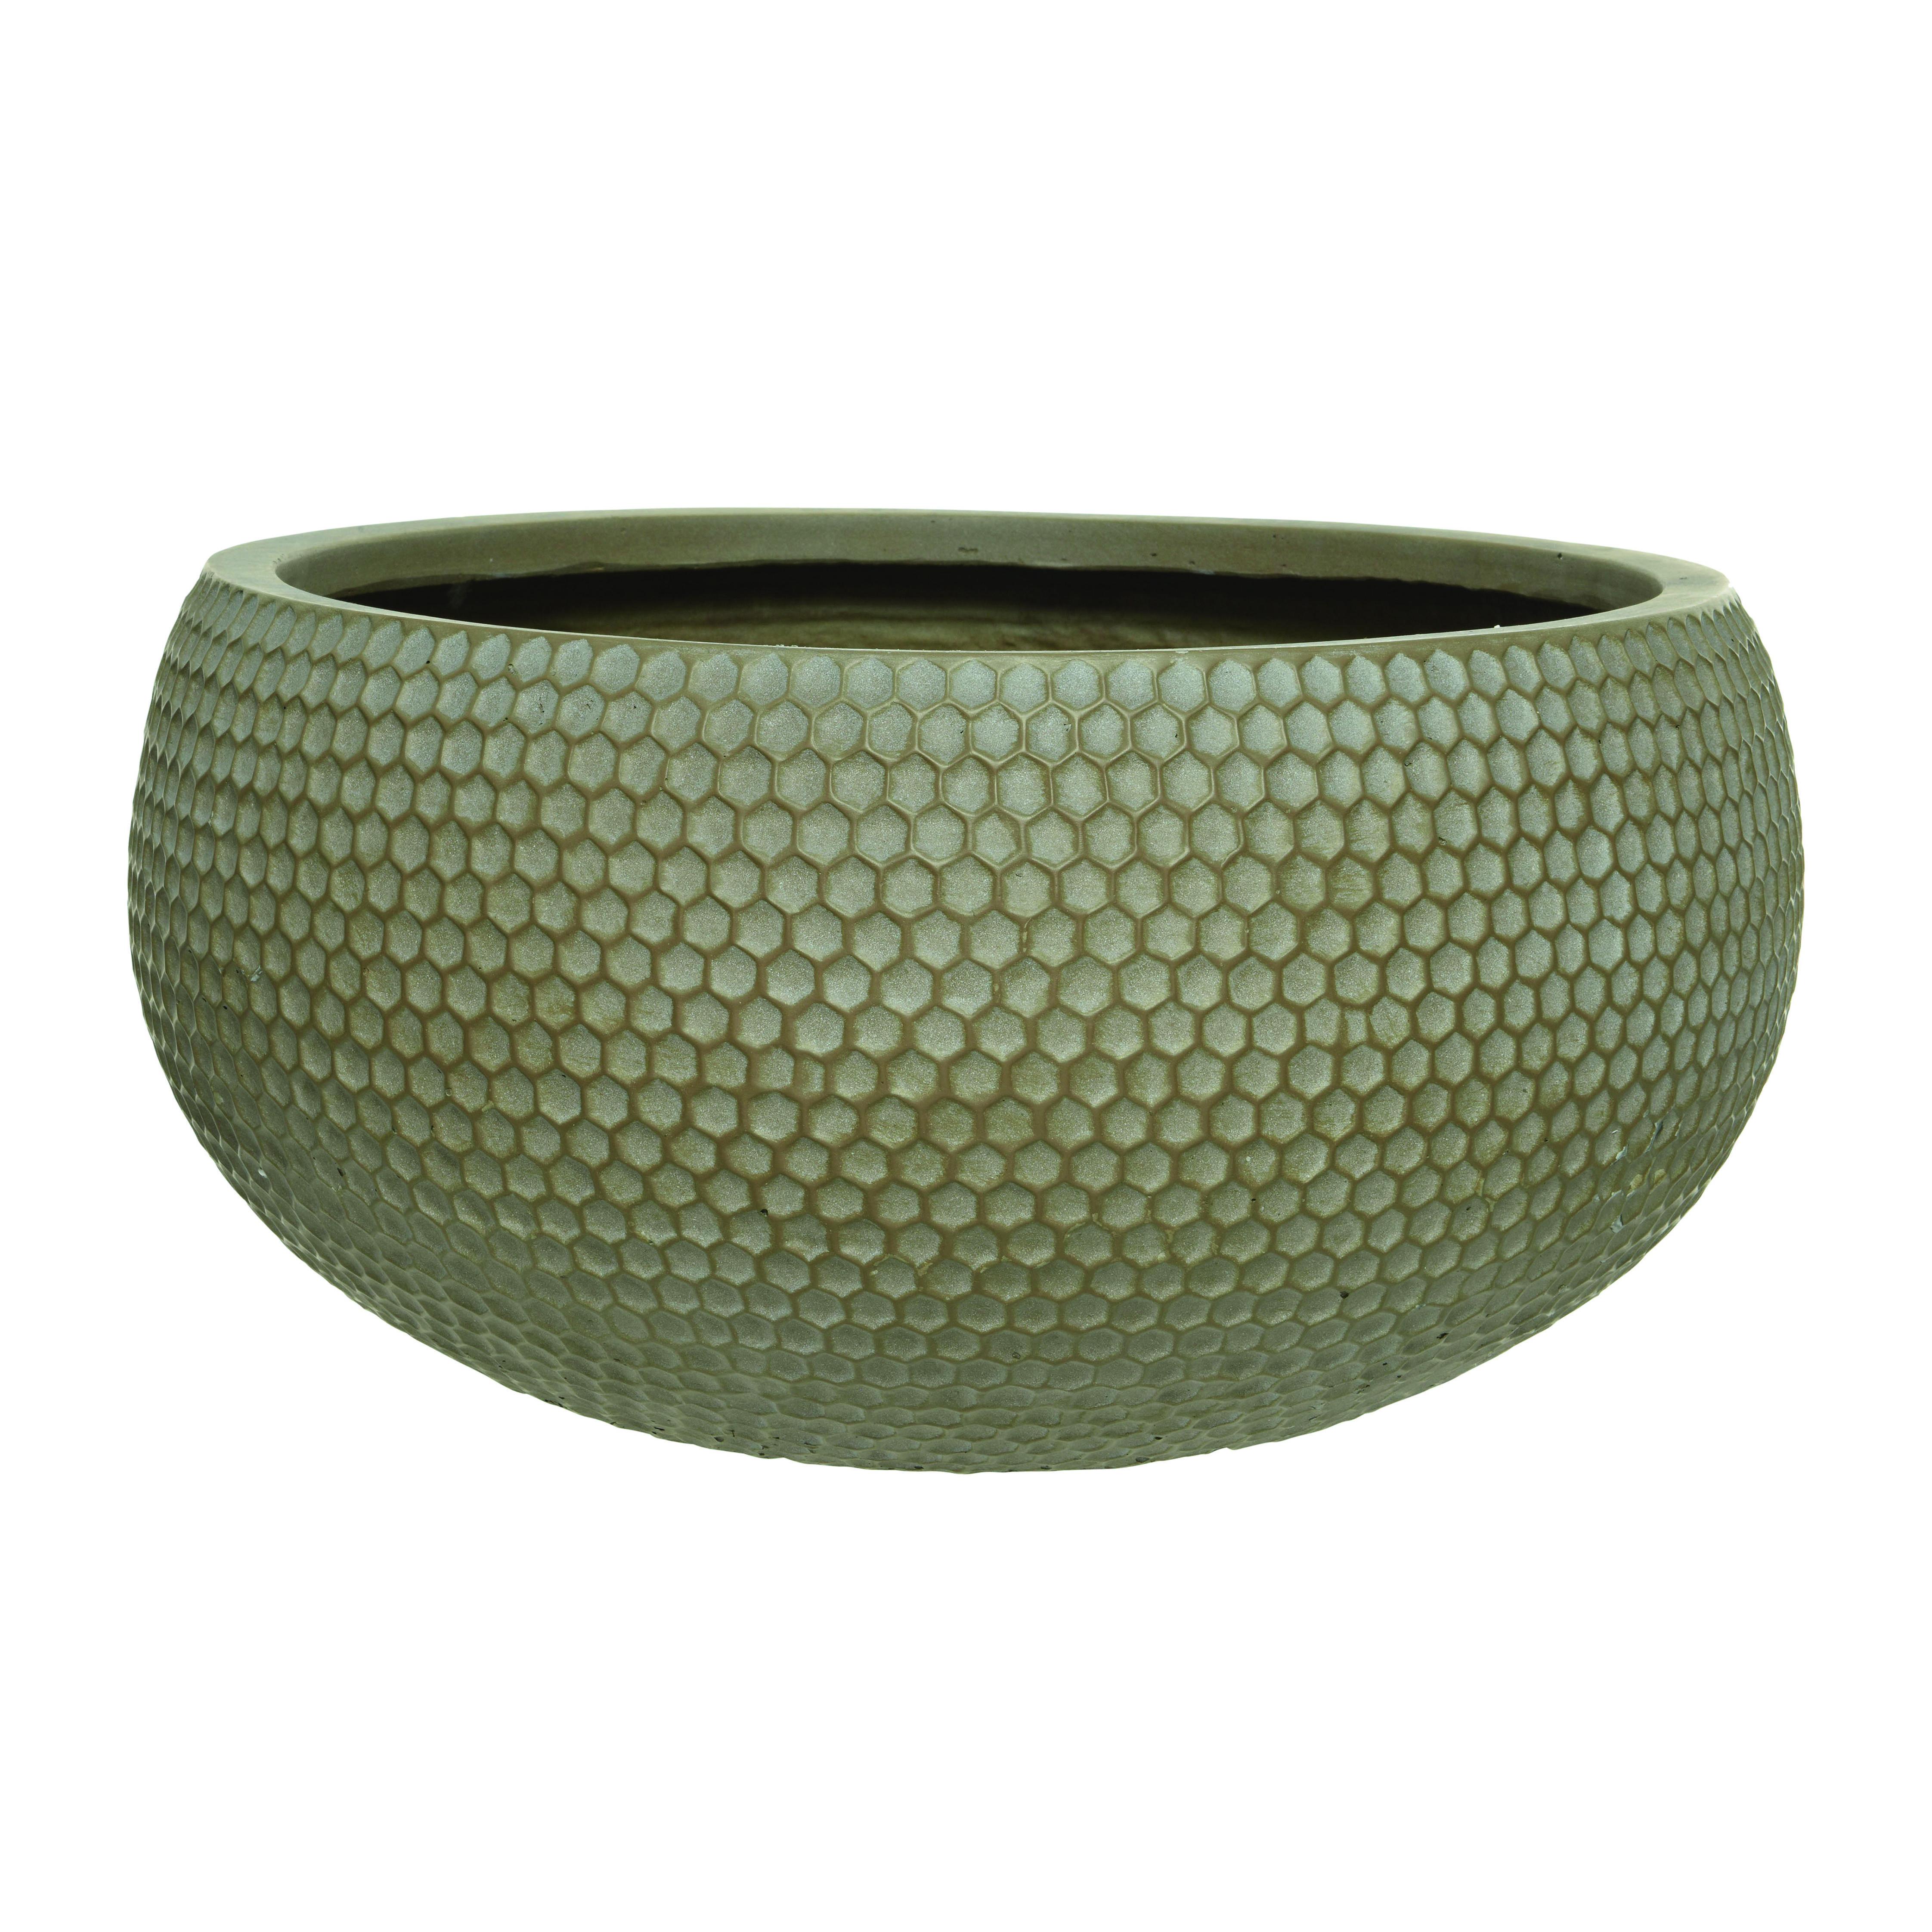 Vaso KAEMINGK in plastica colore tortora H 18 cm, Ø 18 cm